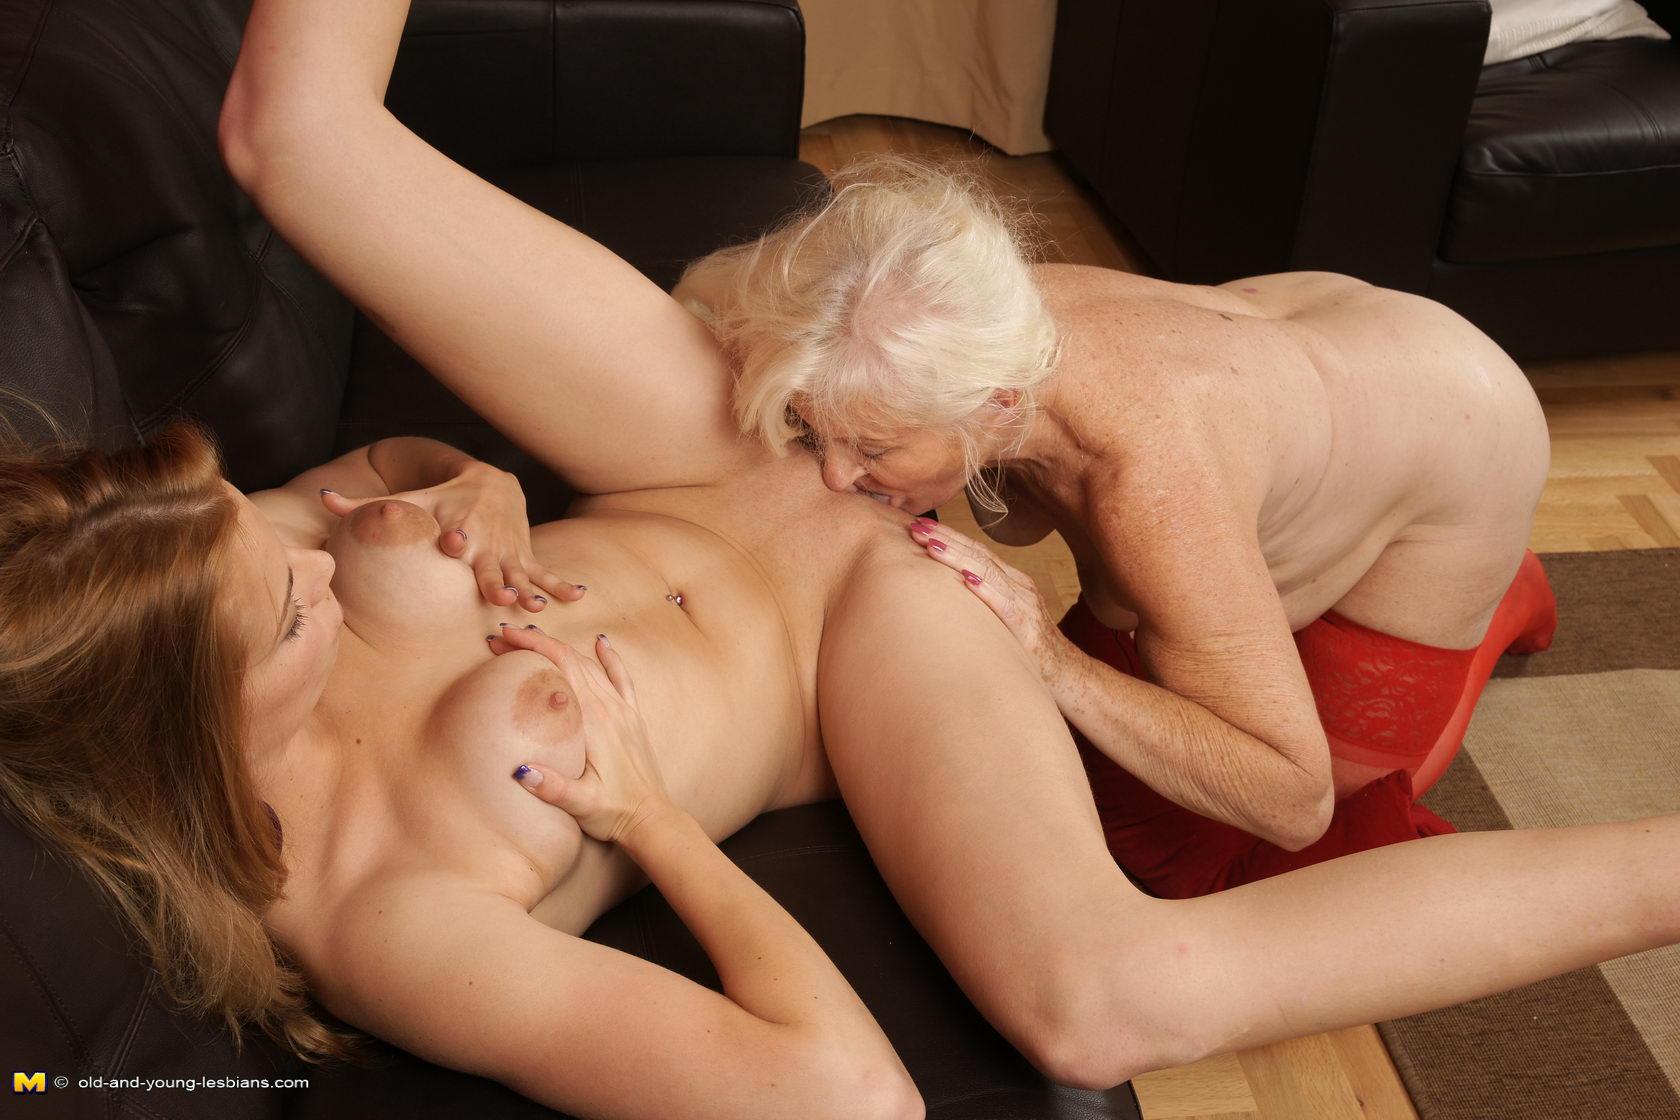 порно лесби старые с молодыми онлайн если близко находится